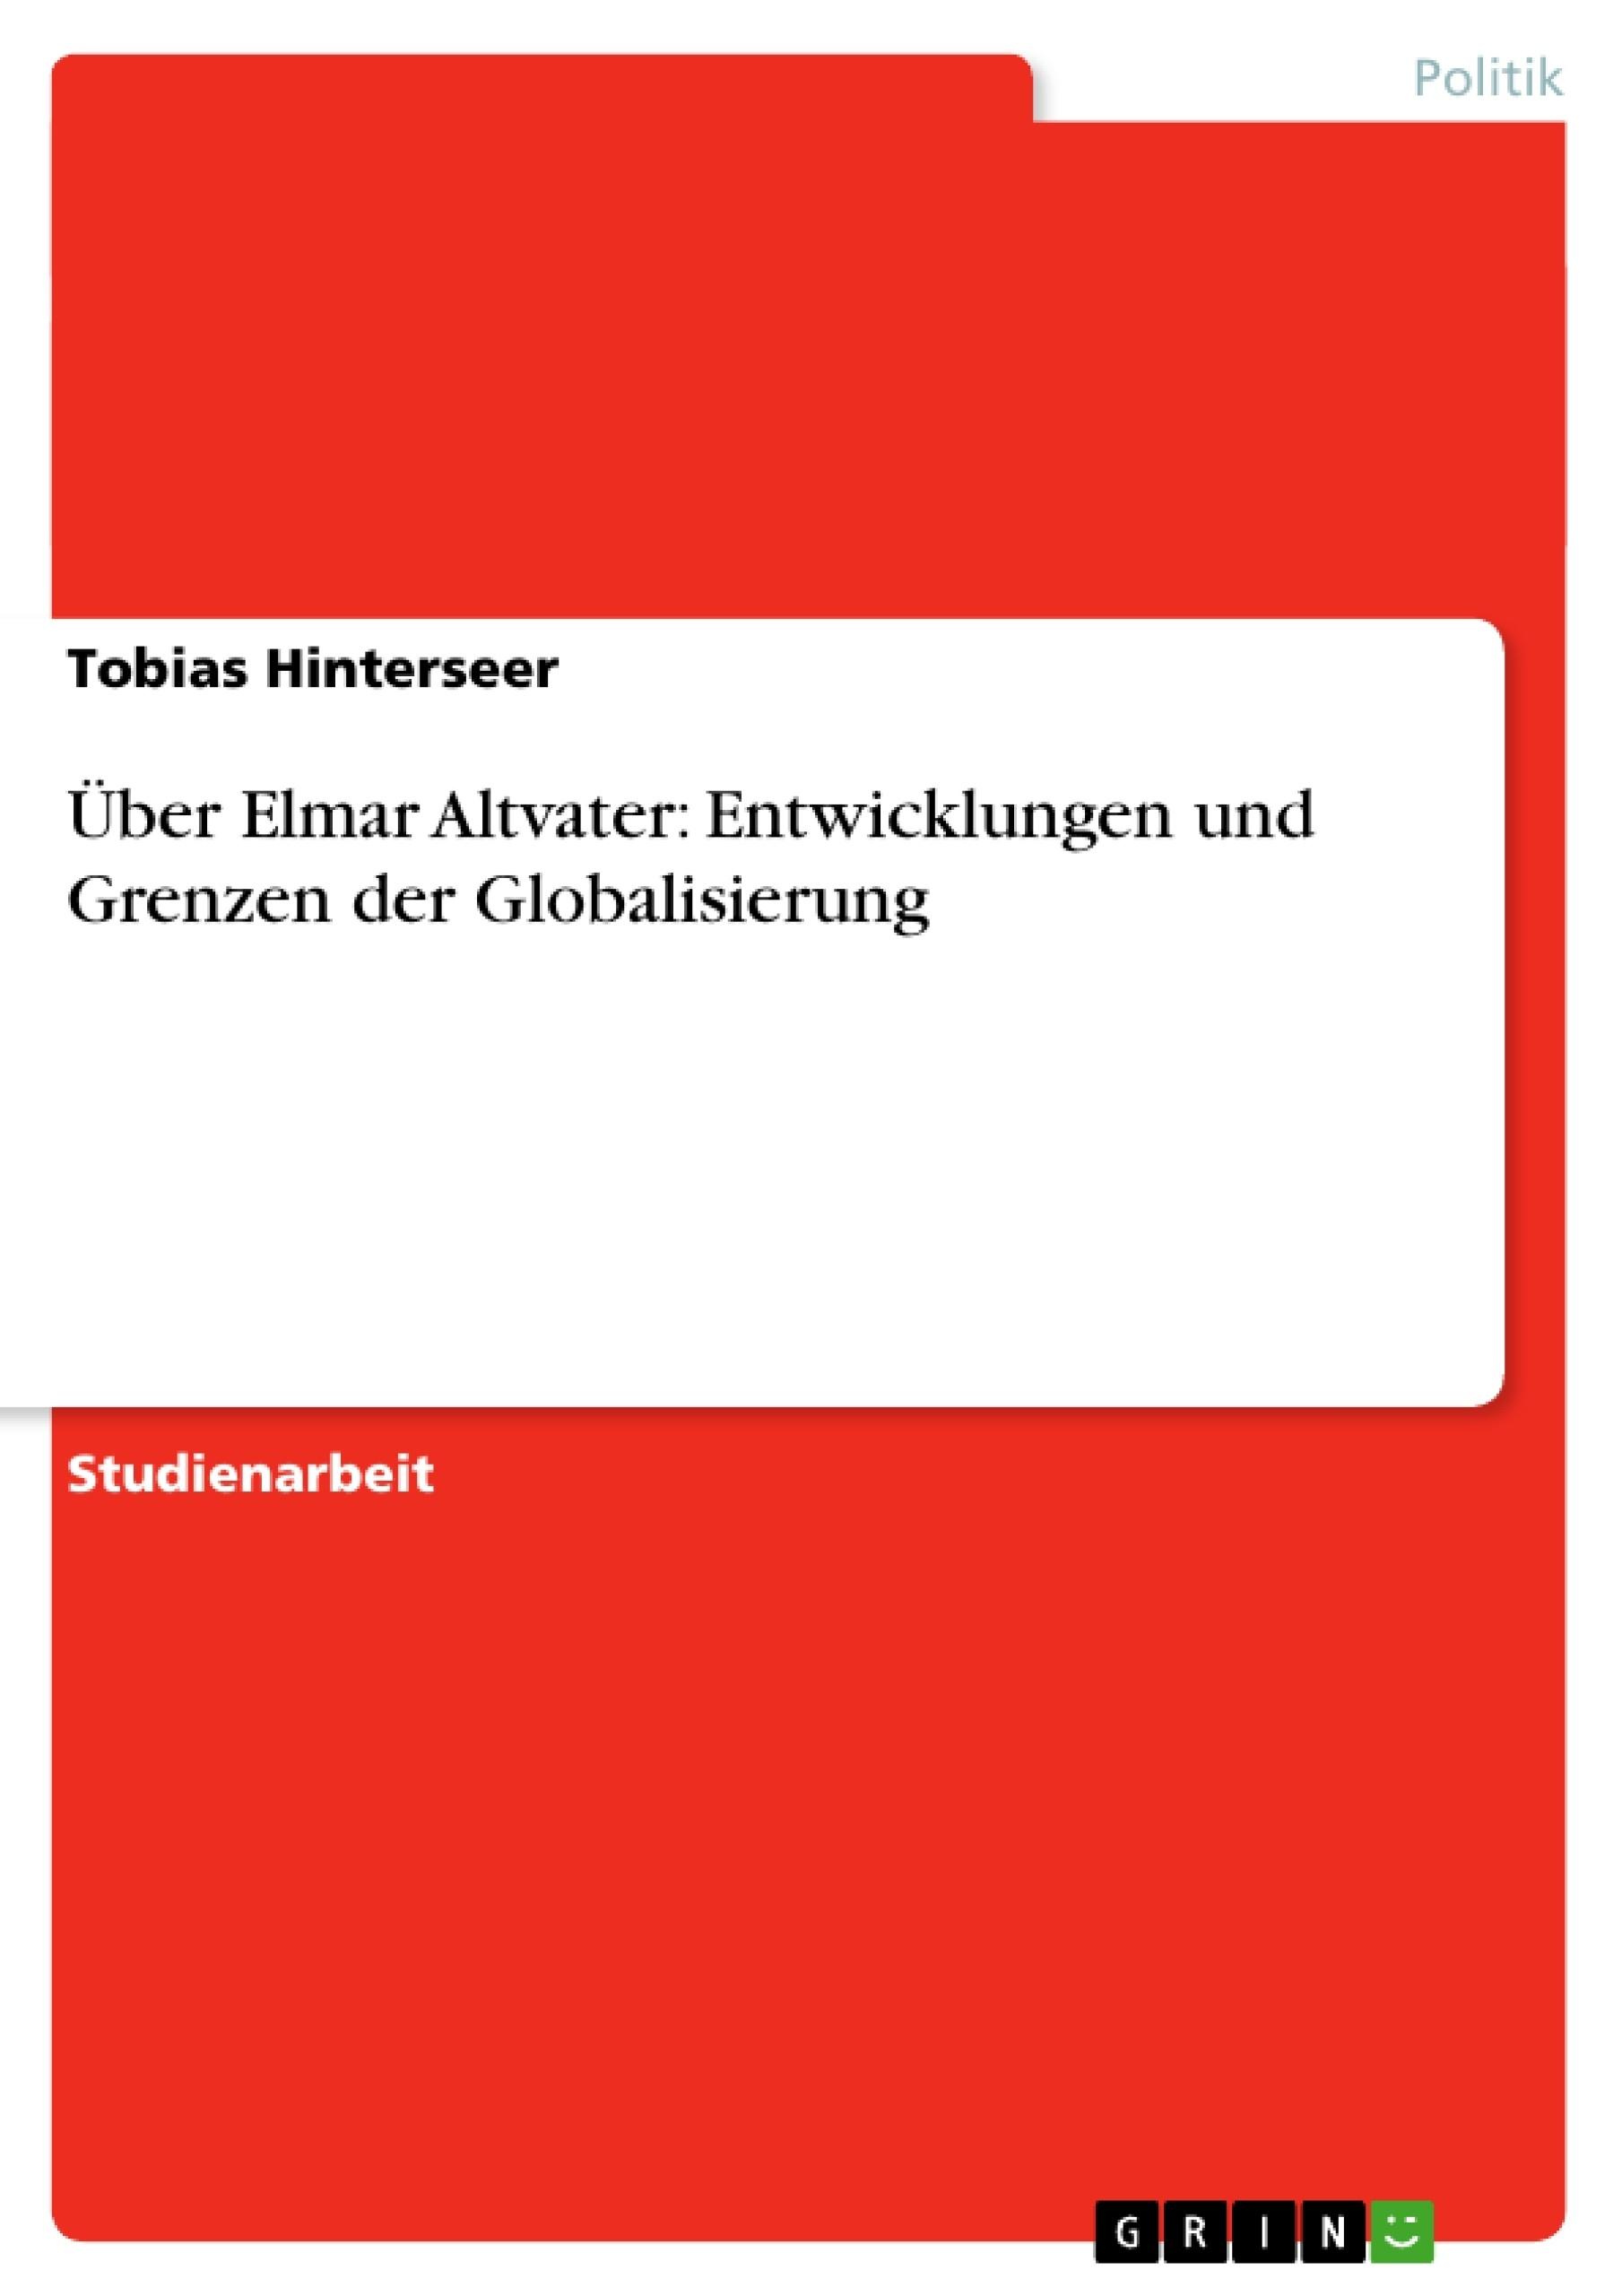 Titel: Über Elmar Altvater: Entwicklungen und Grenzen der Globalisierung